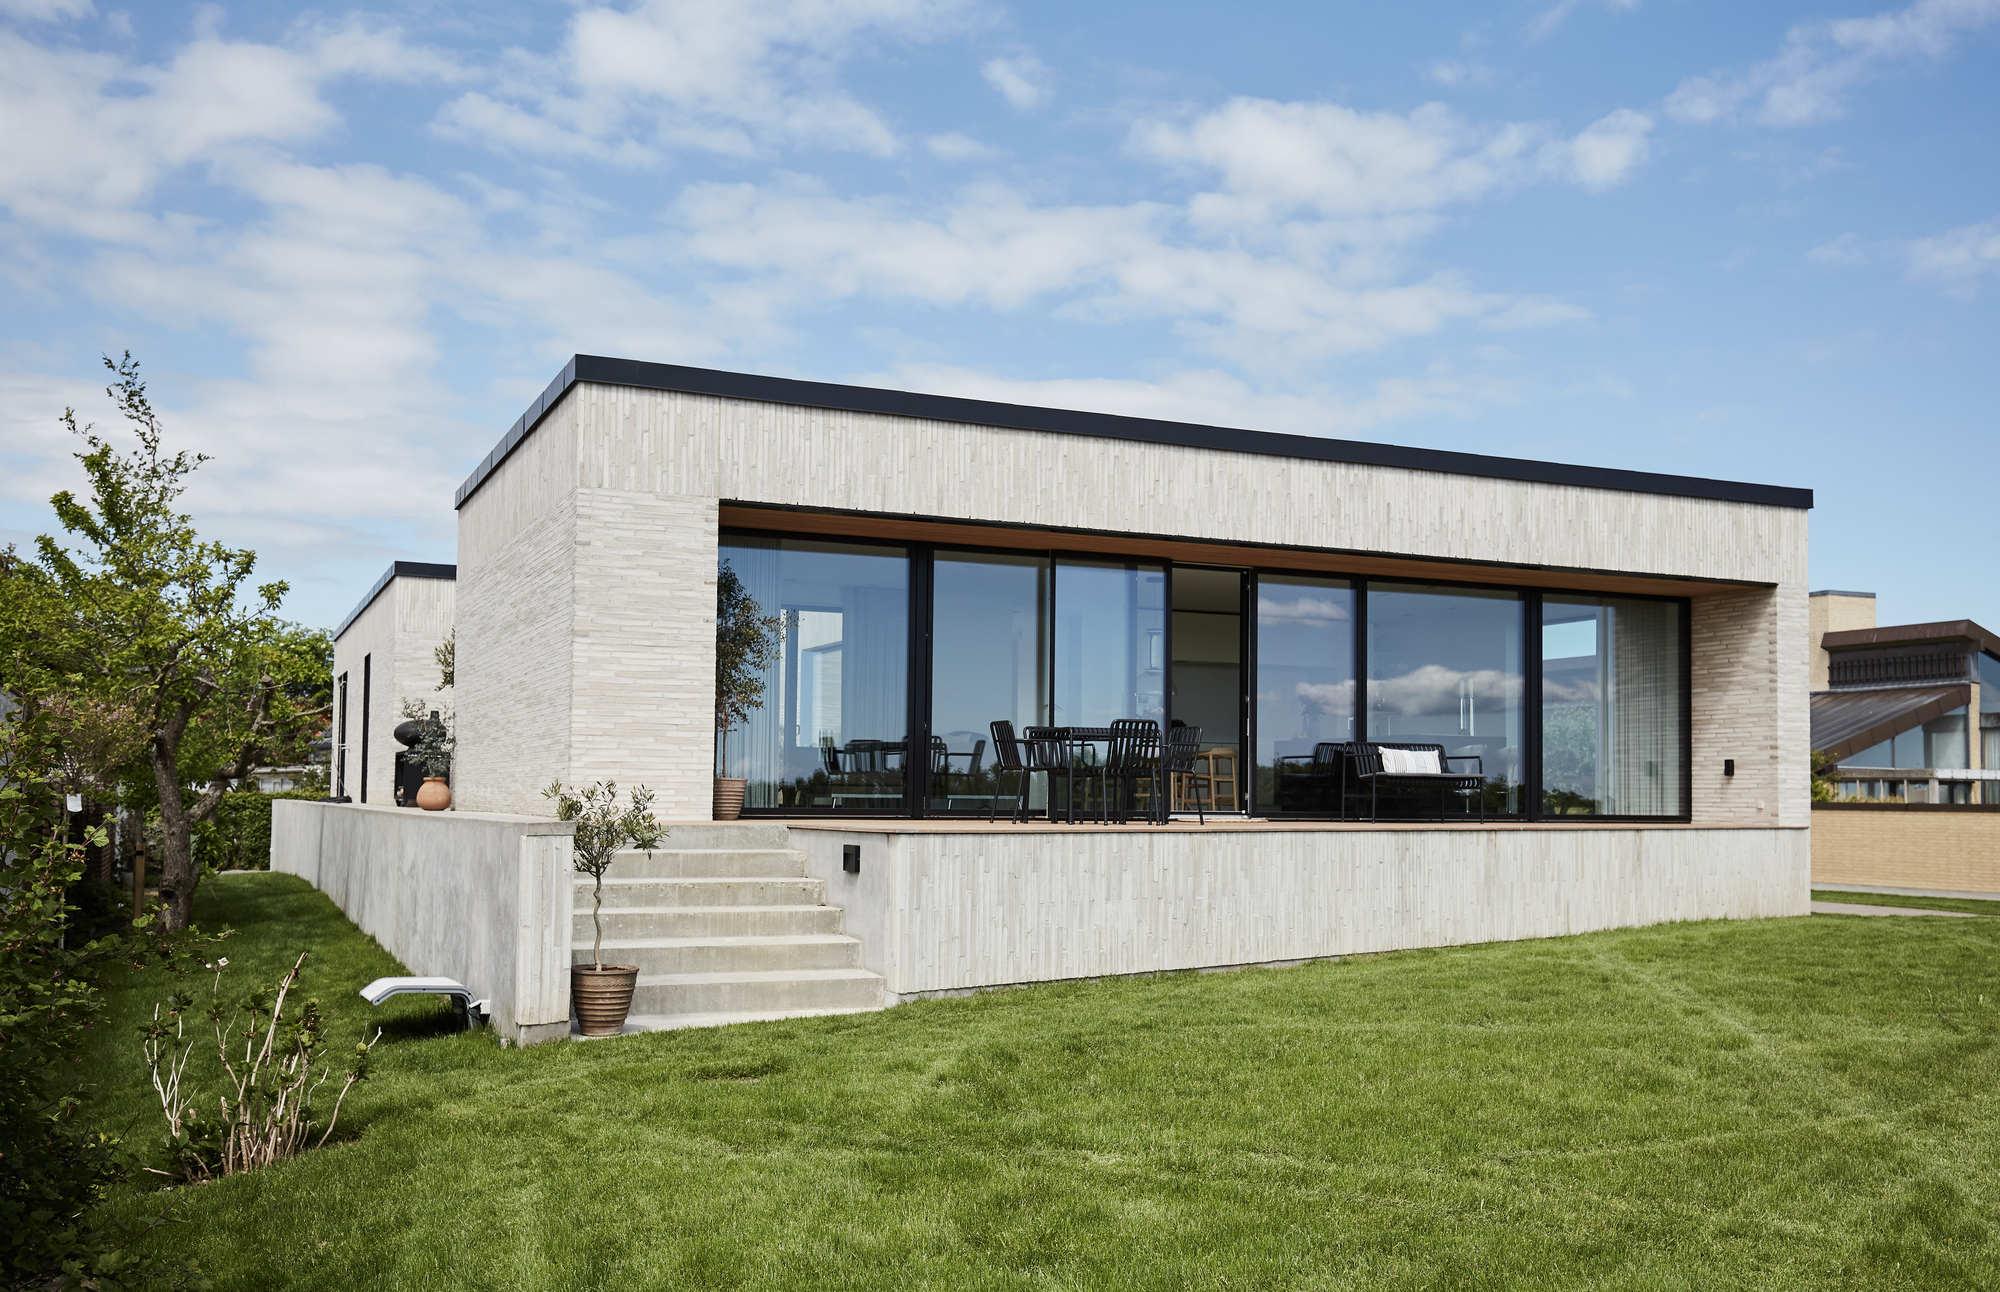 Casa Sand / Christoffersen & Weiling Architects